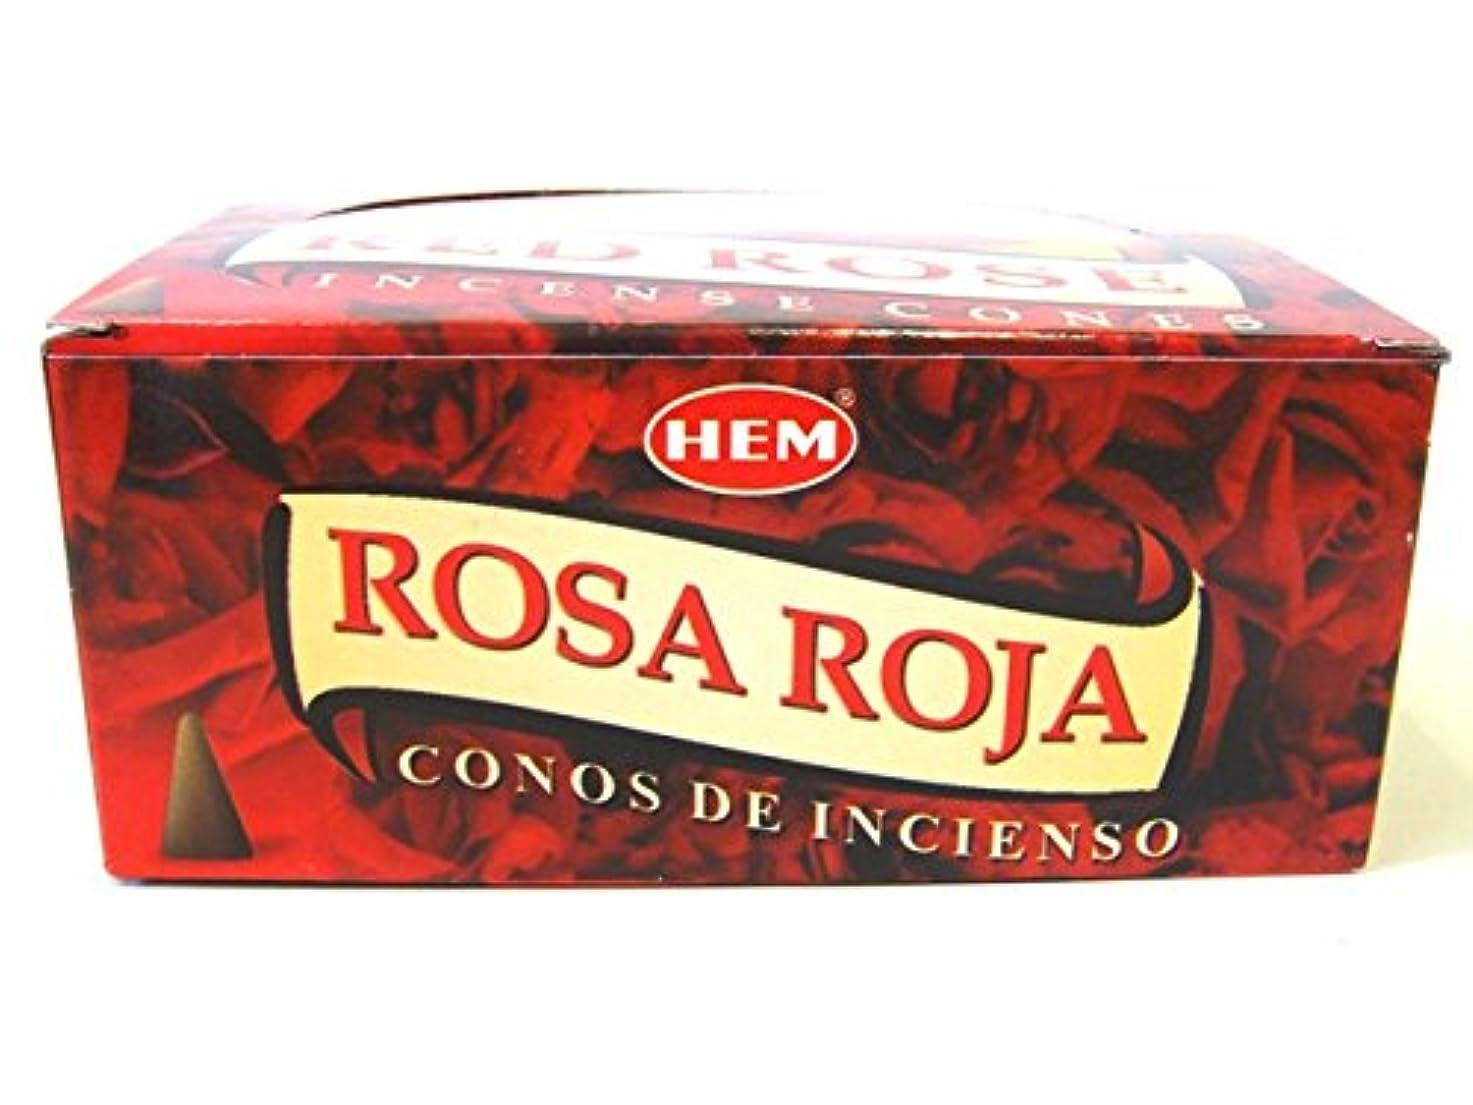 ナイロンにぎやかポーターHEM お香 レッドローズ(RED ROSE) コーンタイプ 1ケース(12箱入り) お香薔薇